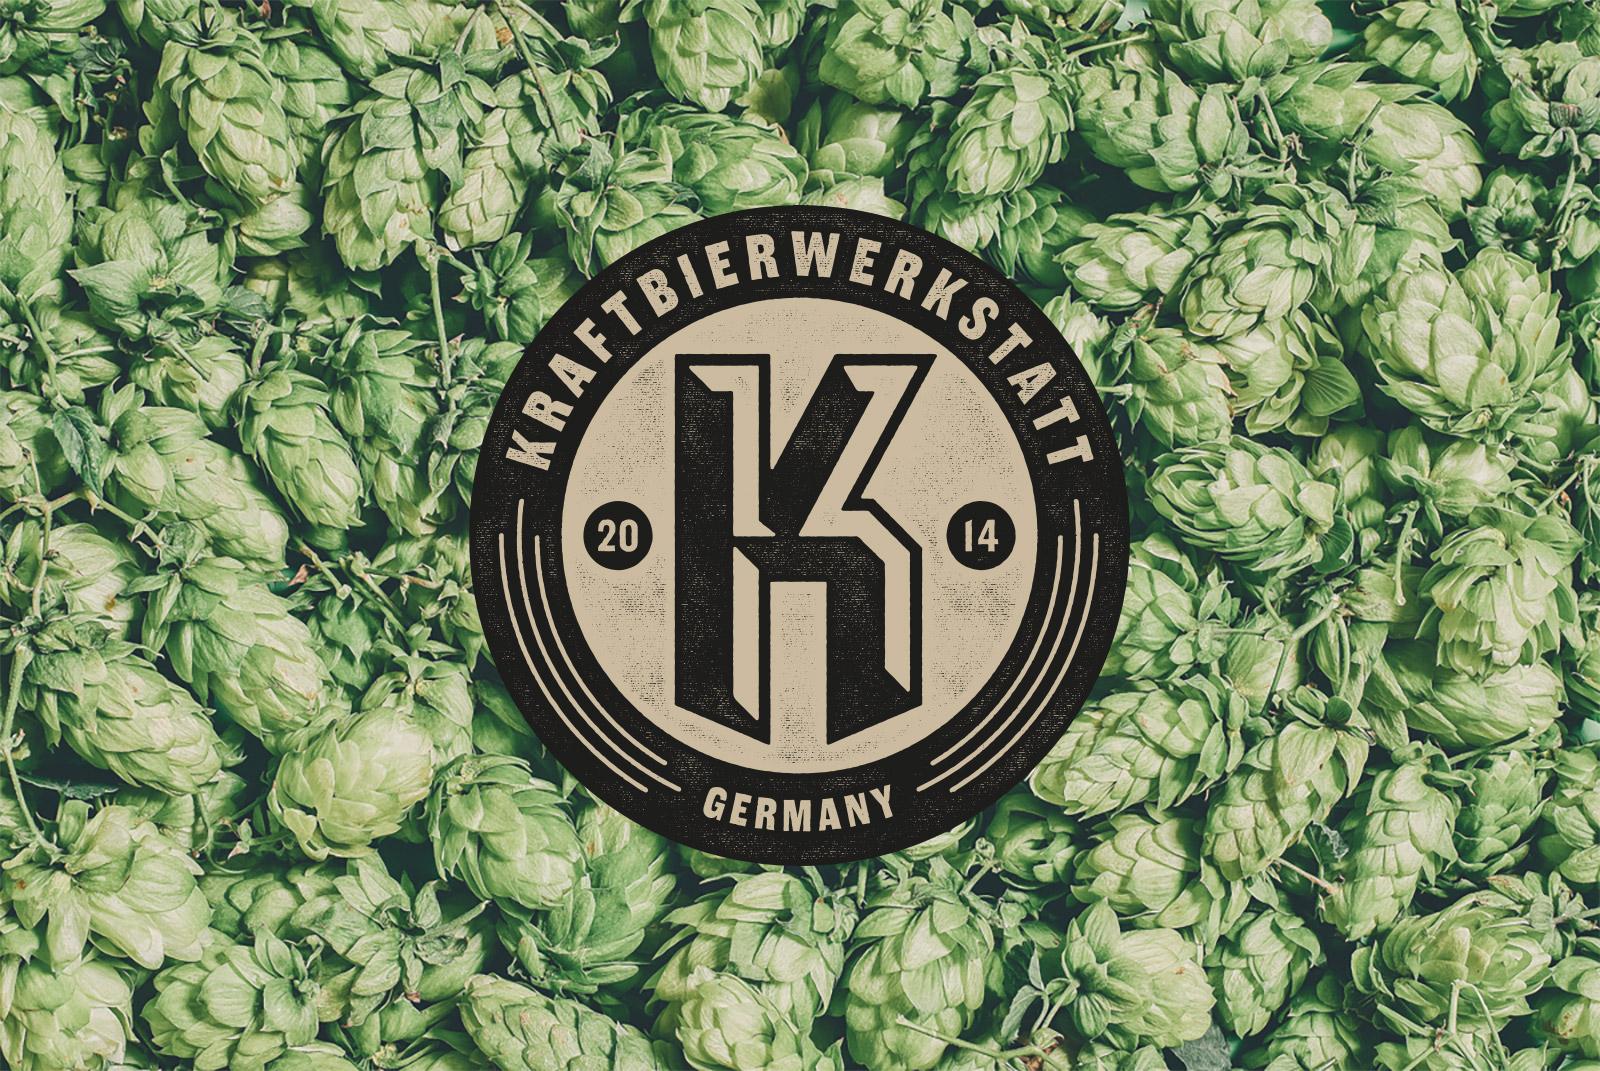 Man sieht das Logo der Kraftbierwerkstatt auf der Vorderseite eines Aufklebers der Brauerei. Um ein großes